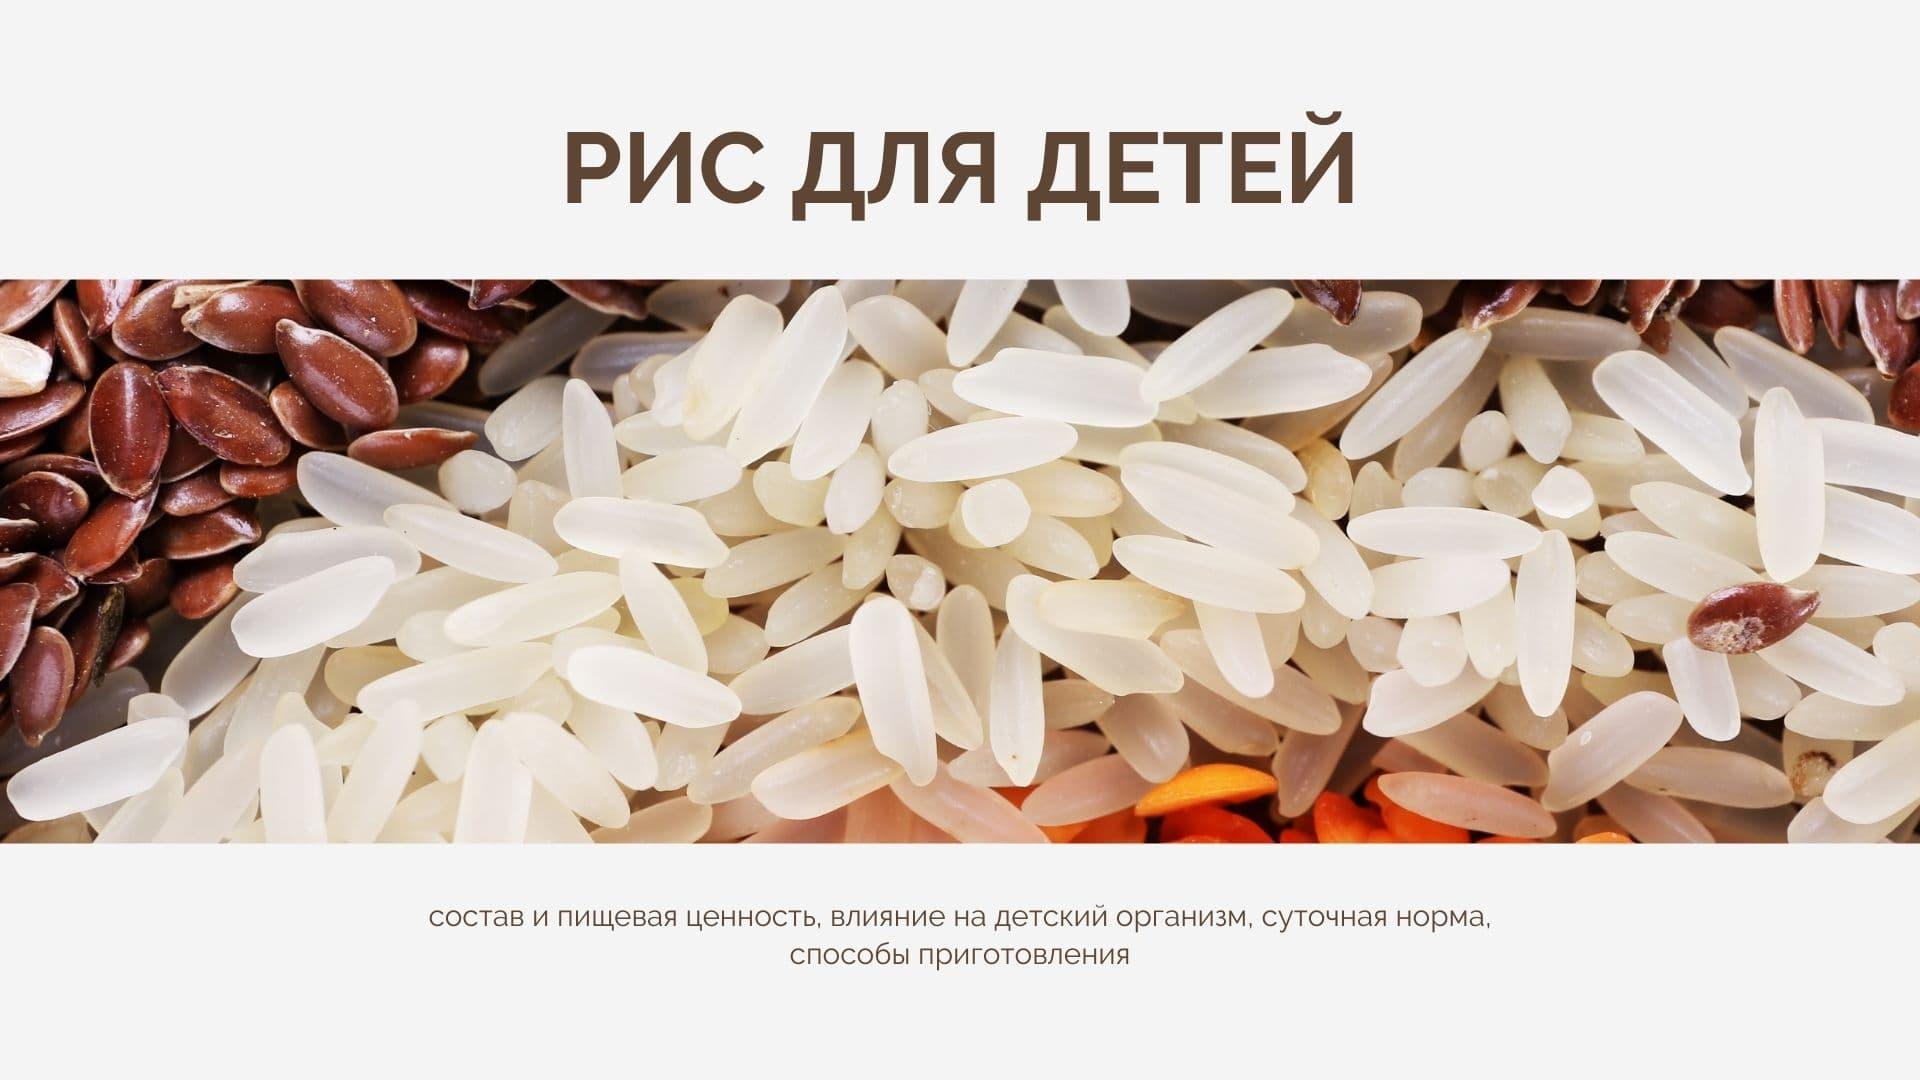 Рис для детей: состав и пищевая ценность, влияние на детский организм, суточная норма, способы приготовления